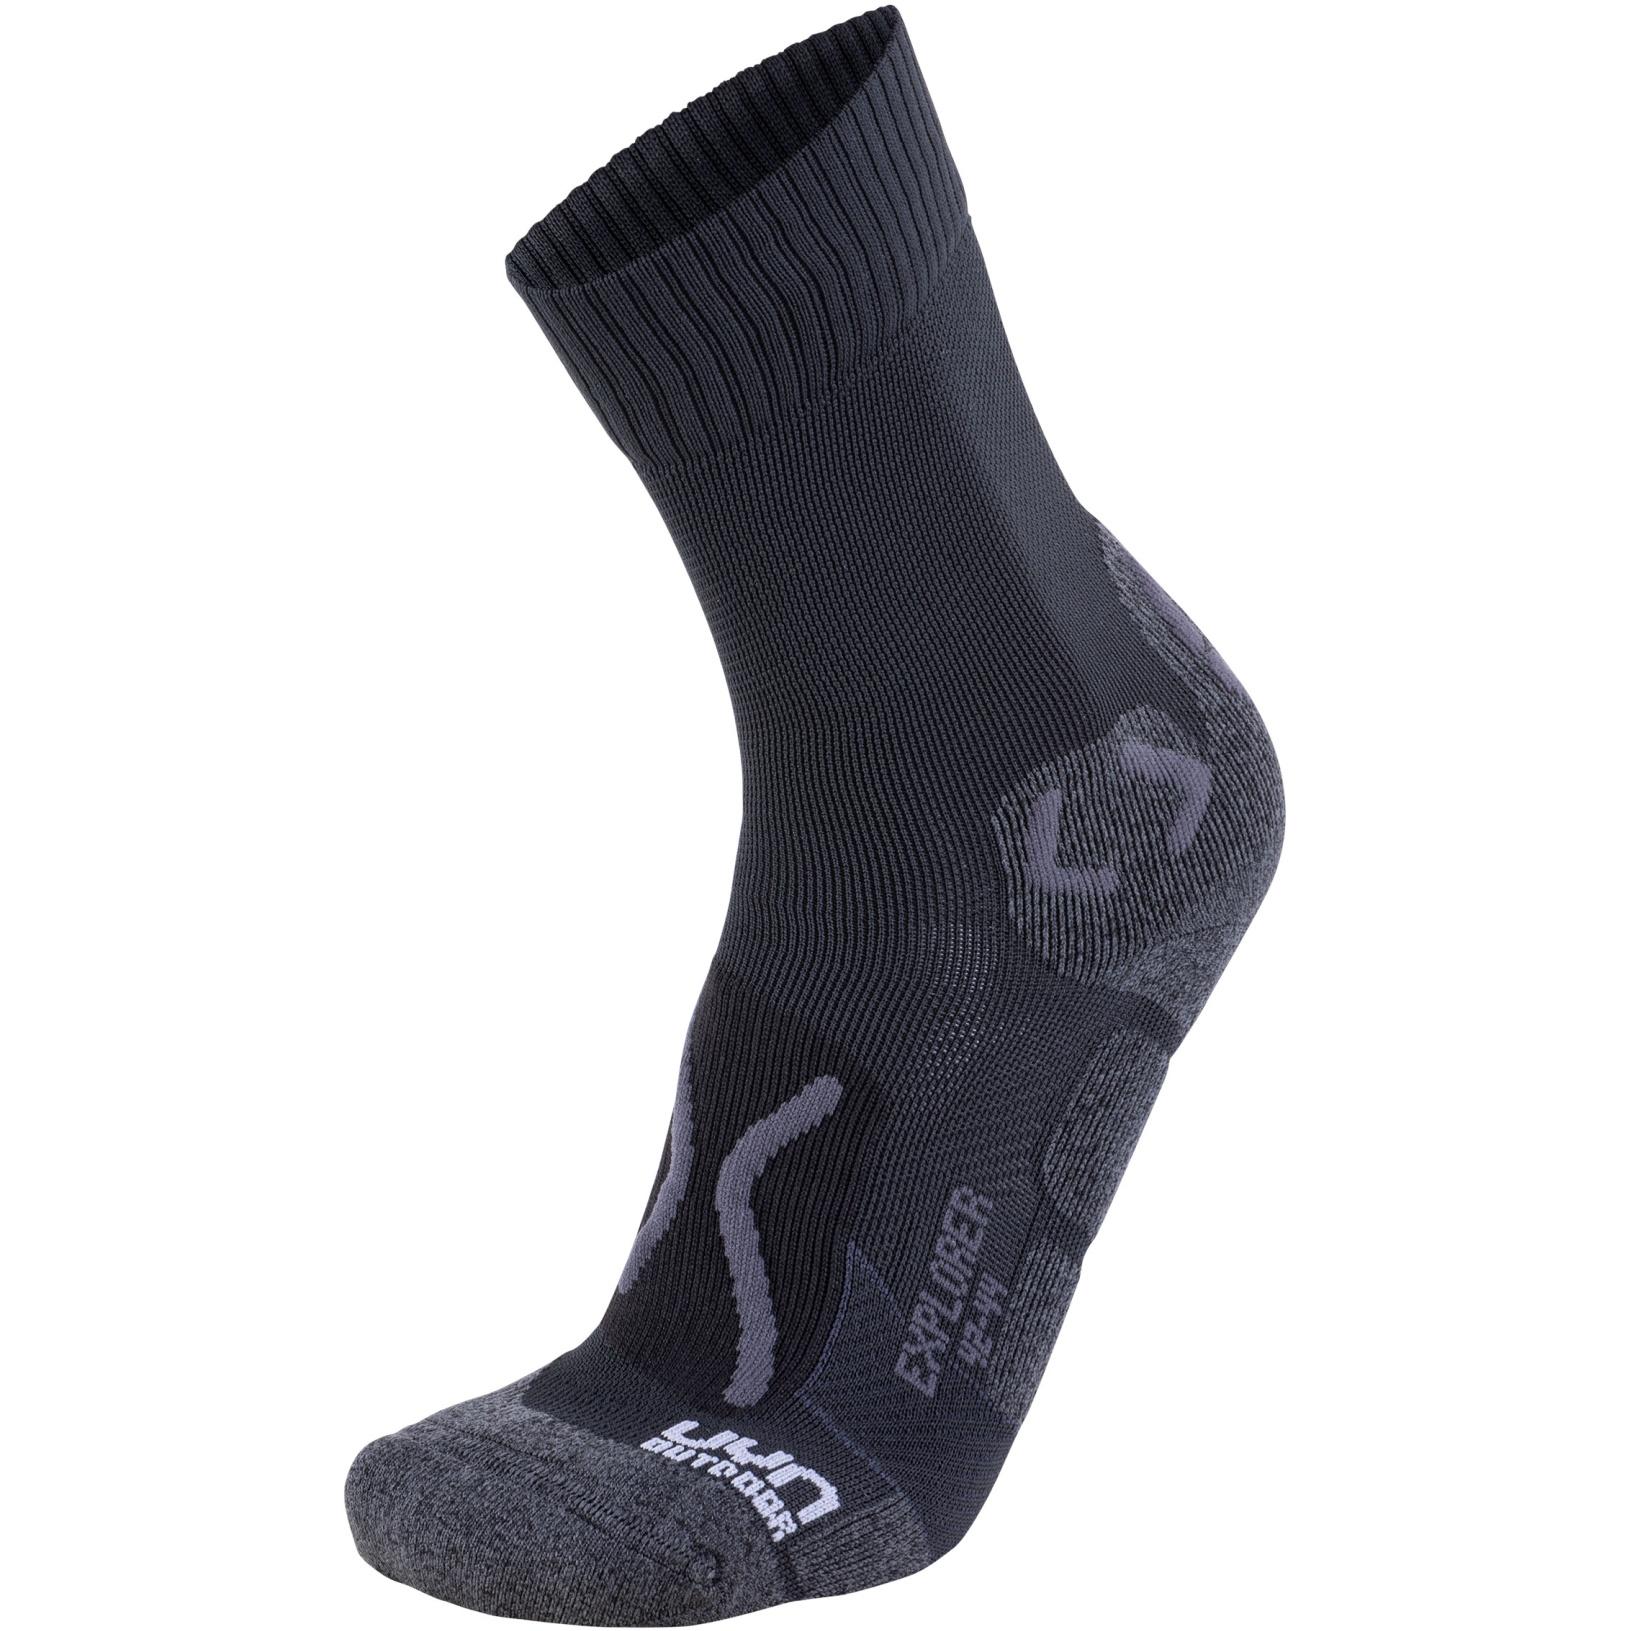 UYN Explorer Outdoor Socks - Black/Anthracite